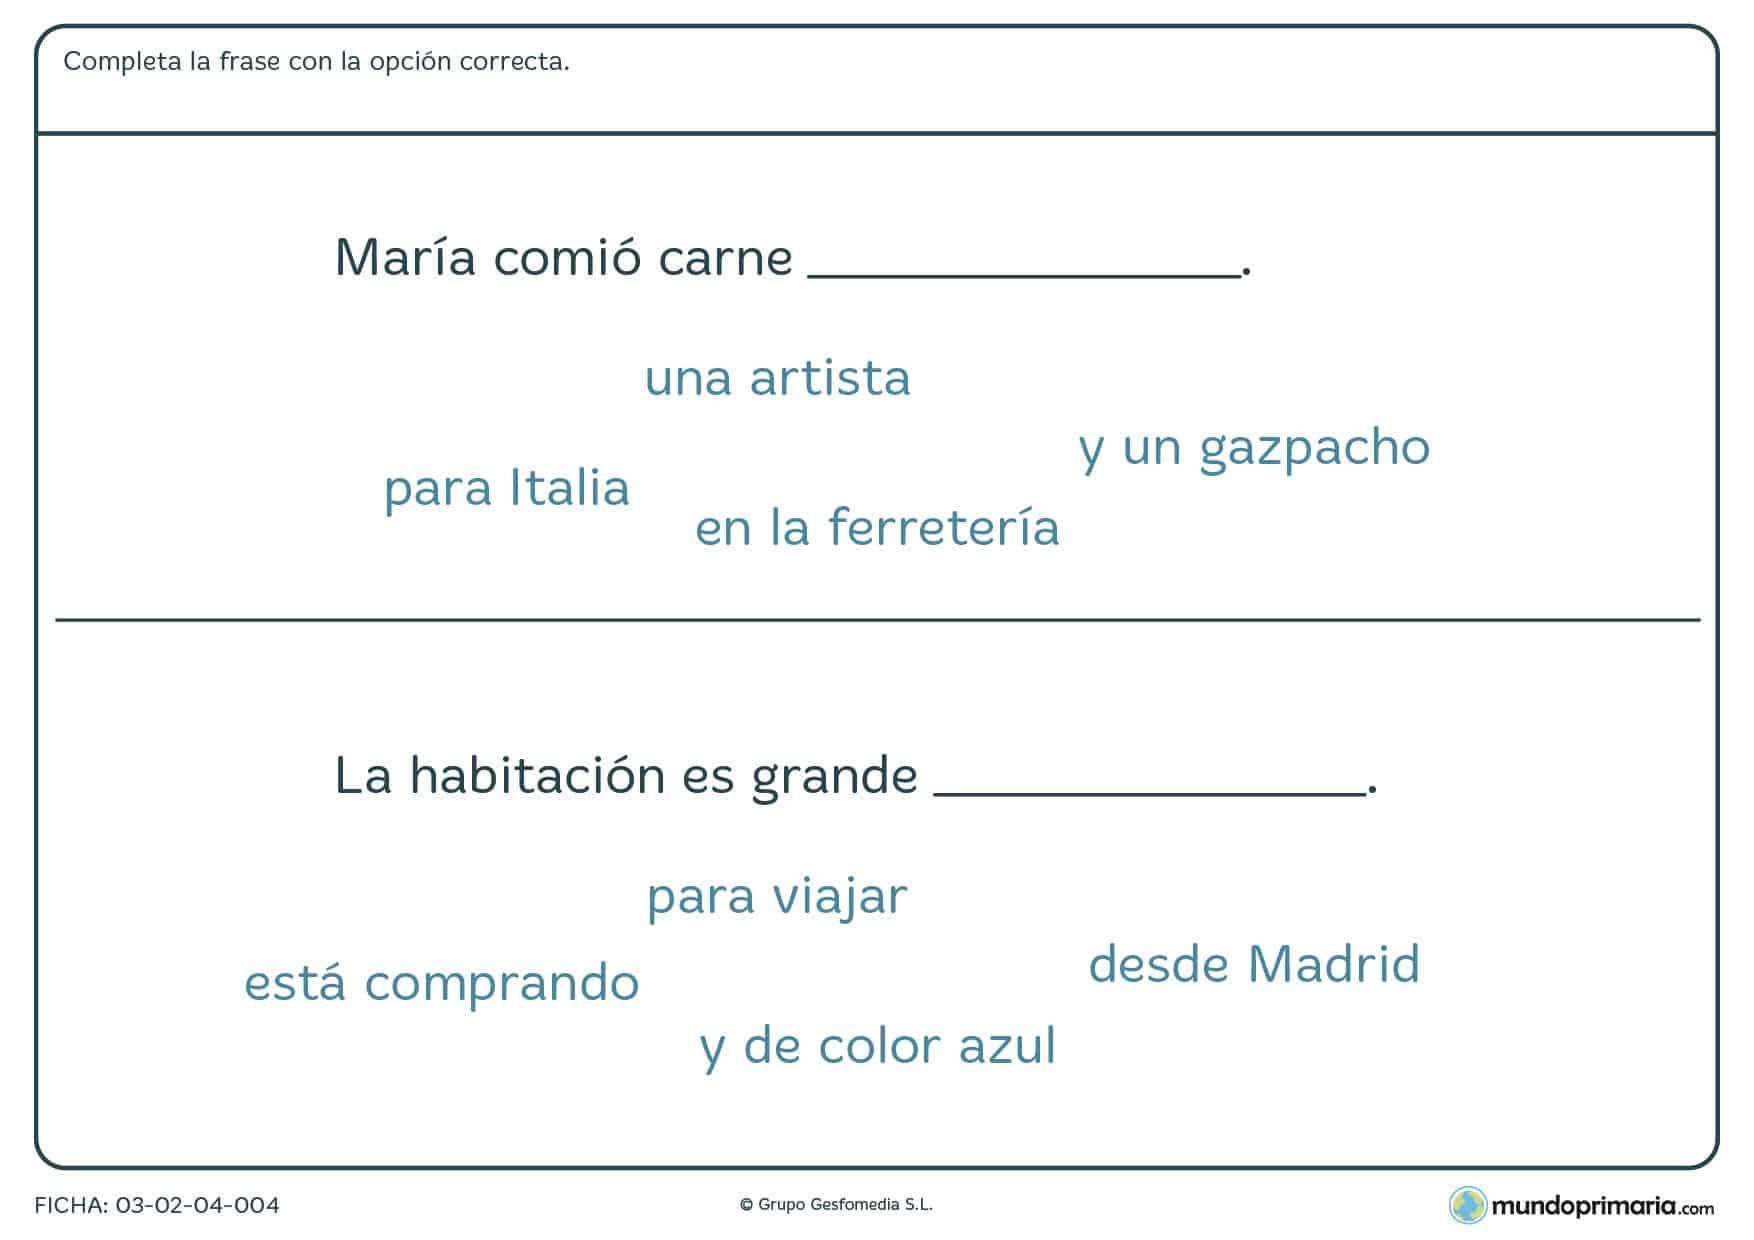 Ficha de completar frases correctamente entre las terminaciones que te proporcionamos.